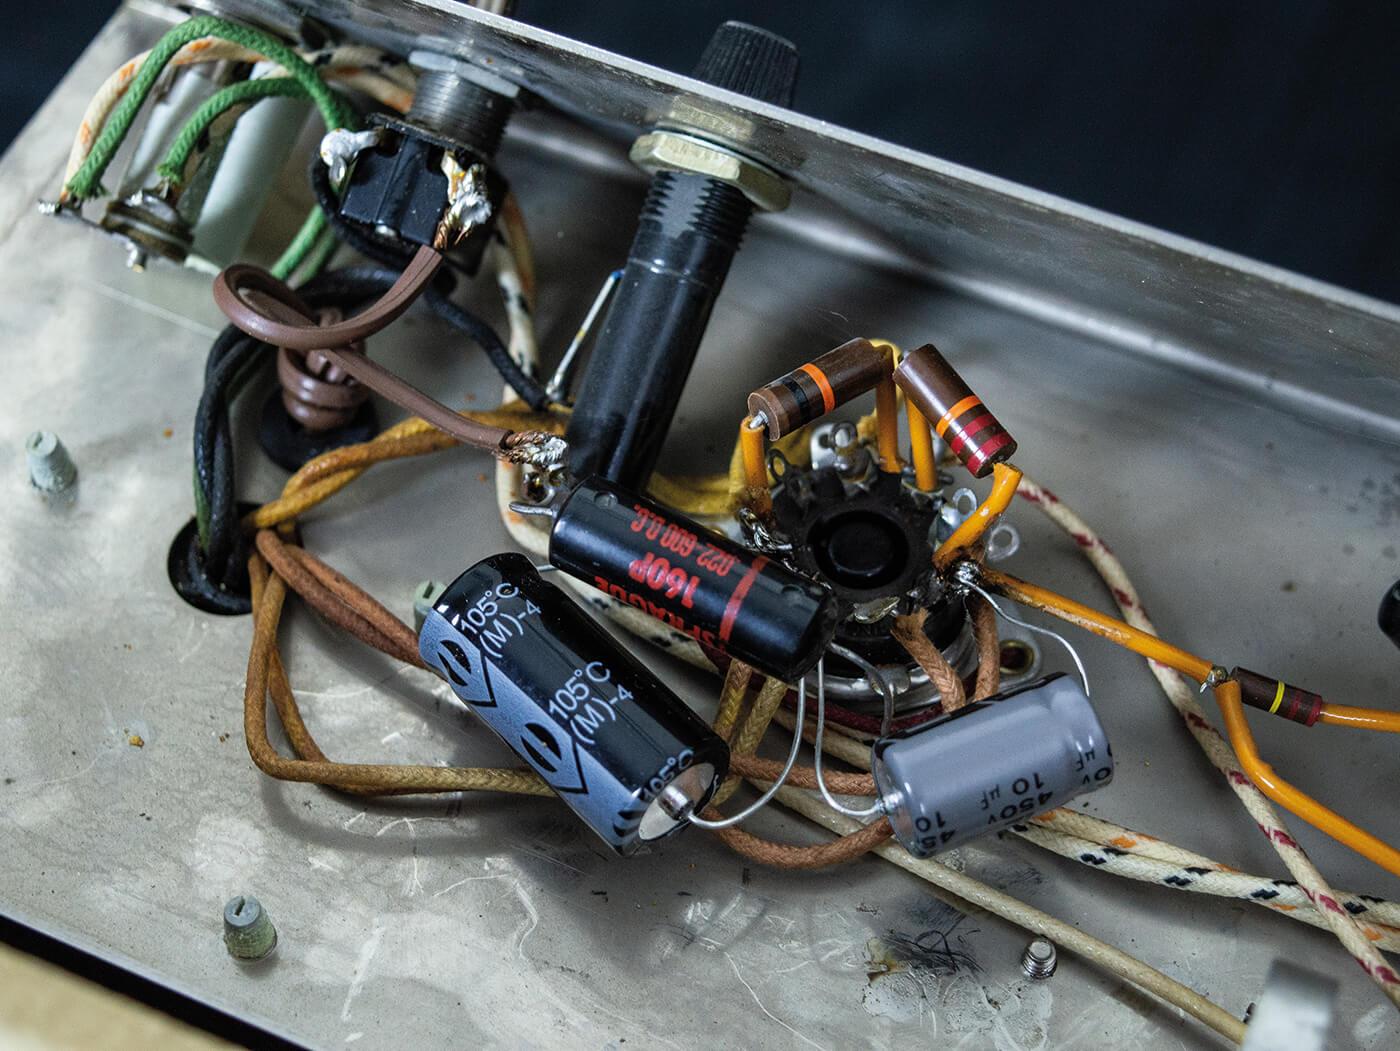 Gibson Skylark wiring